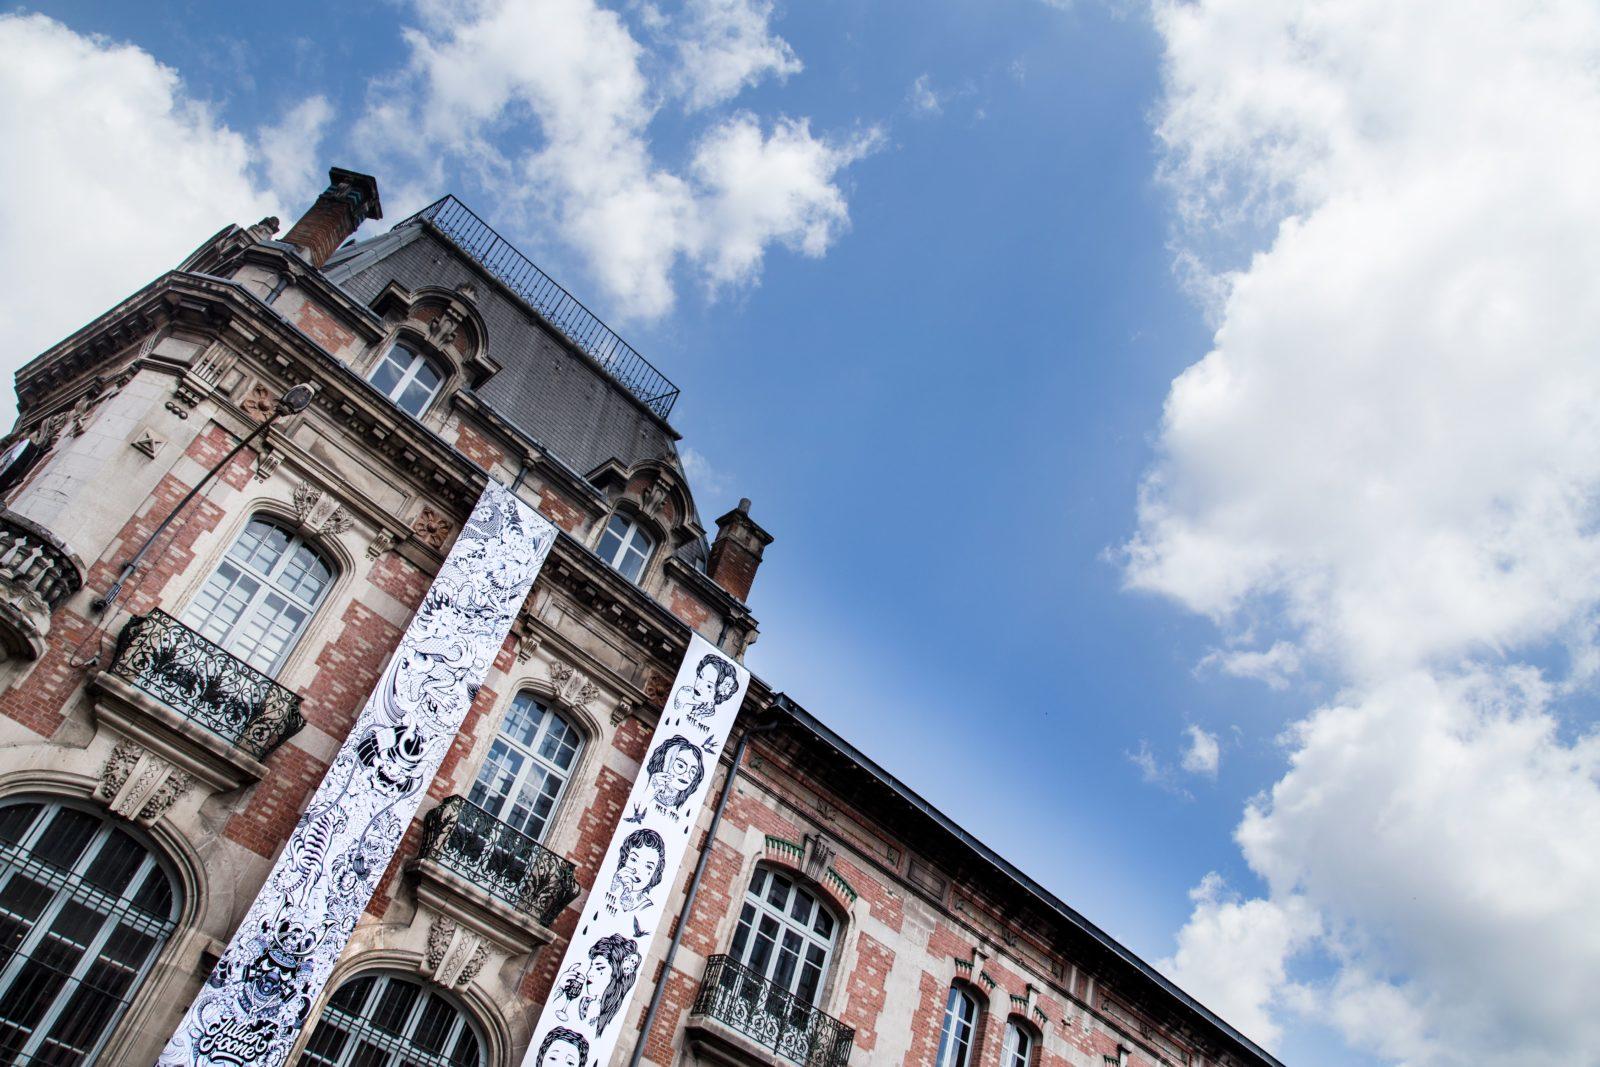 street art festival toulouse 31street parchemin noir blanc - #31 street, le festival d'art urbain qui colore la ville rose